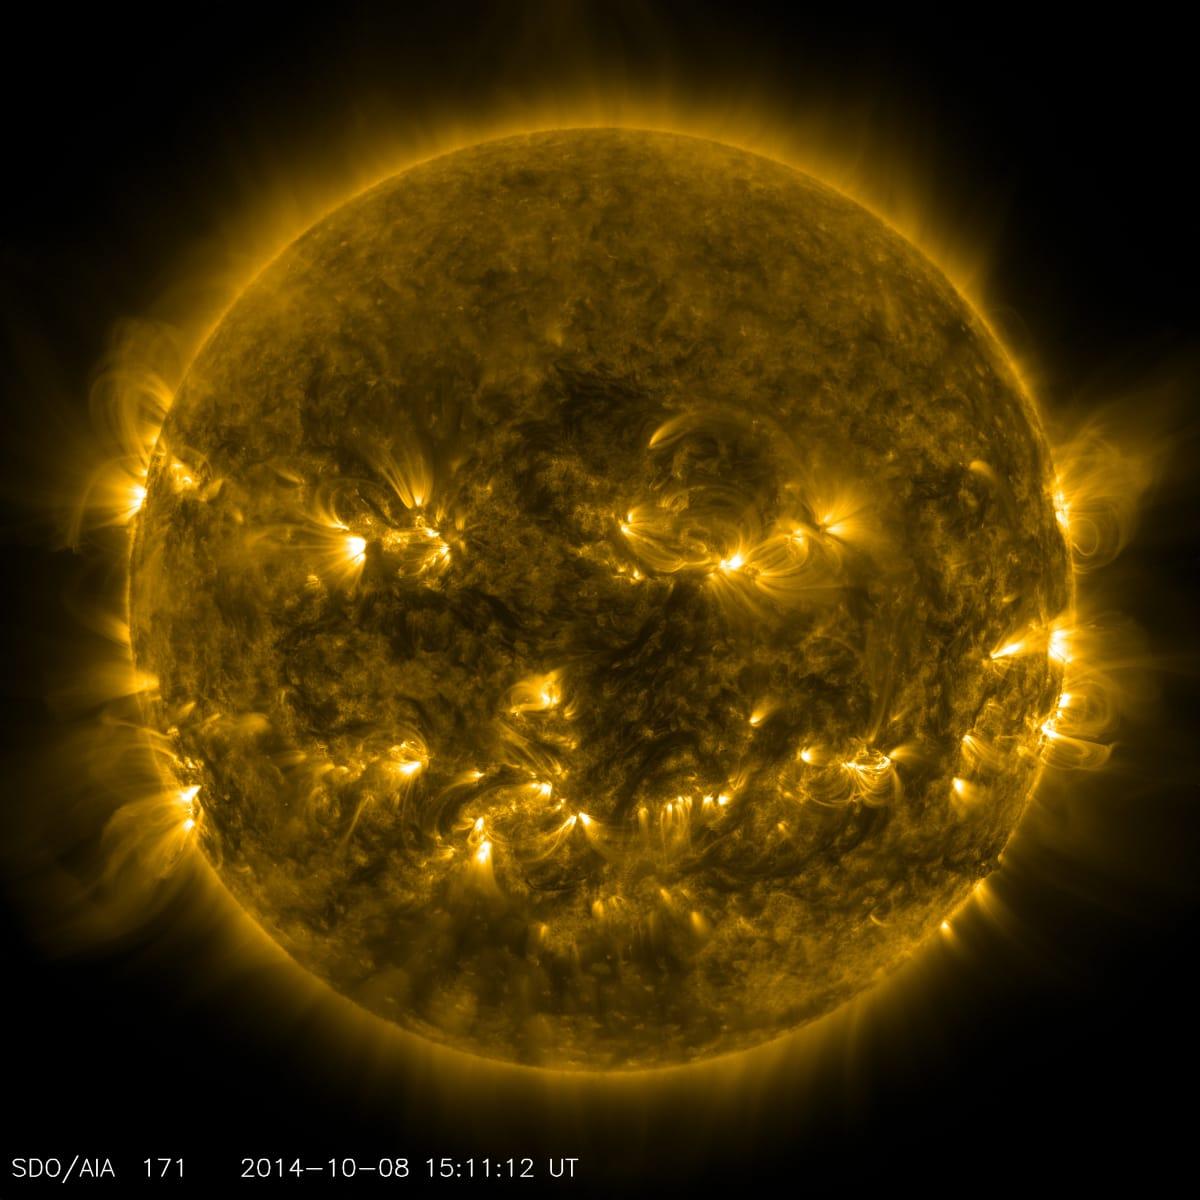 El Sol el 8 de octubre de 2014 con luz ultravioleta 171 angstrom.